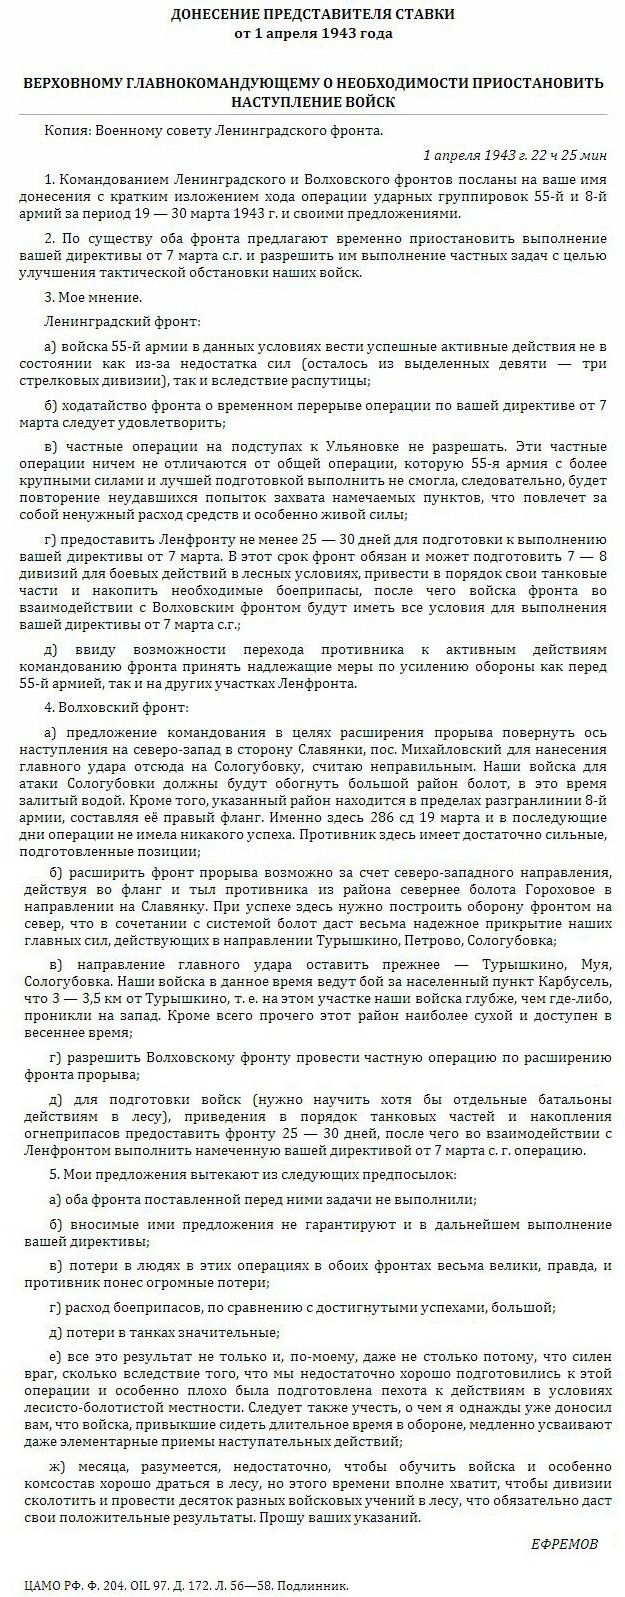 Донесение представителя Ставки от 1 апреля 1943 года